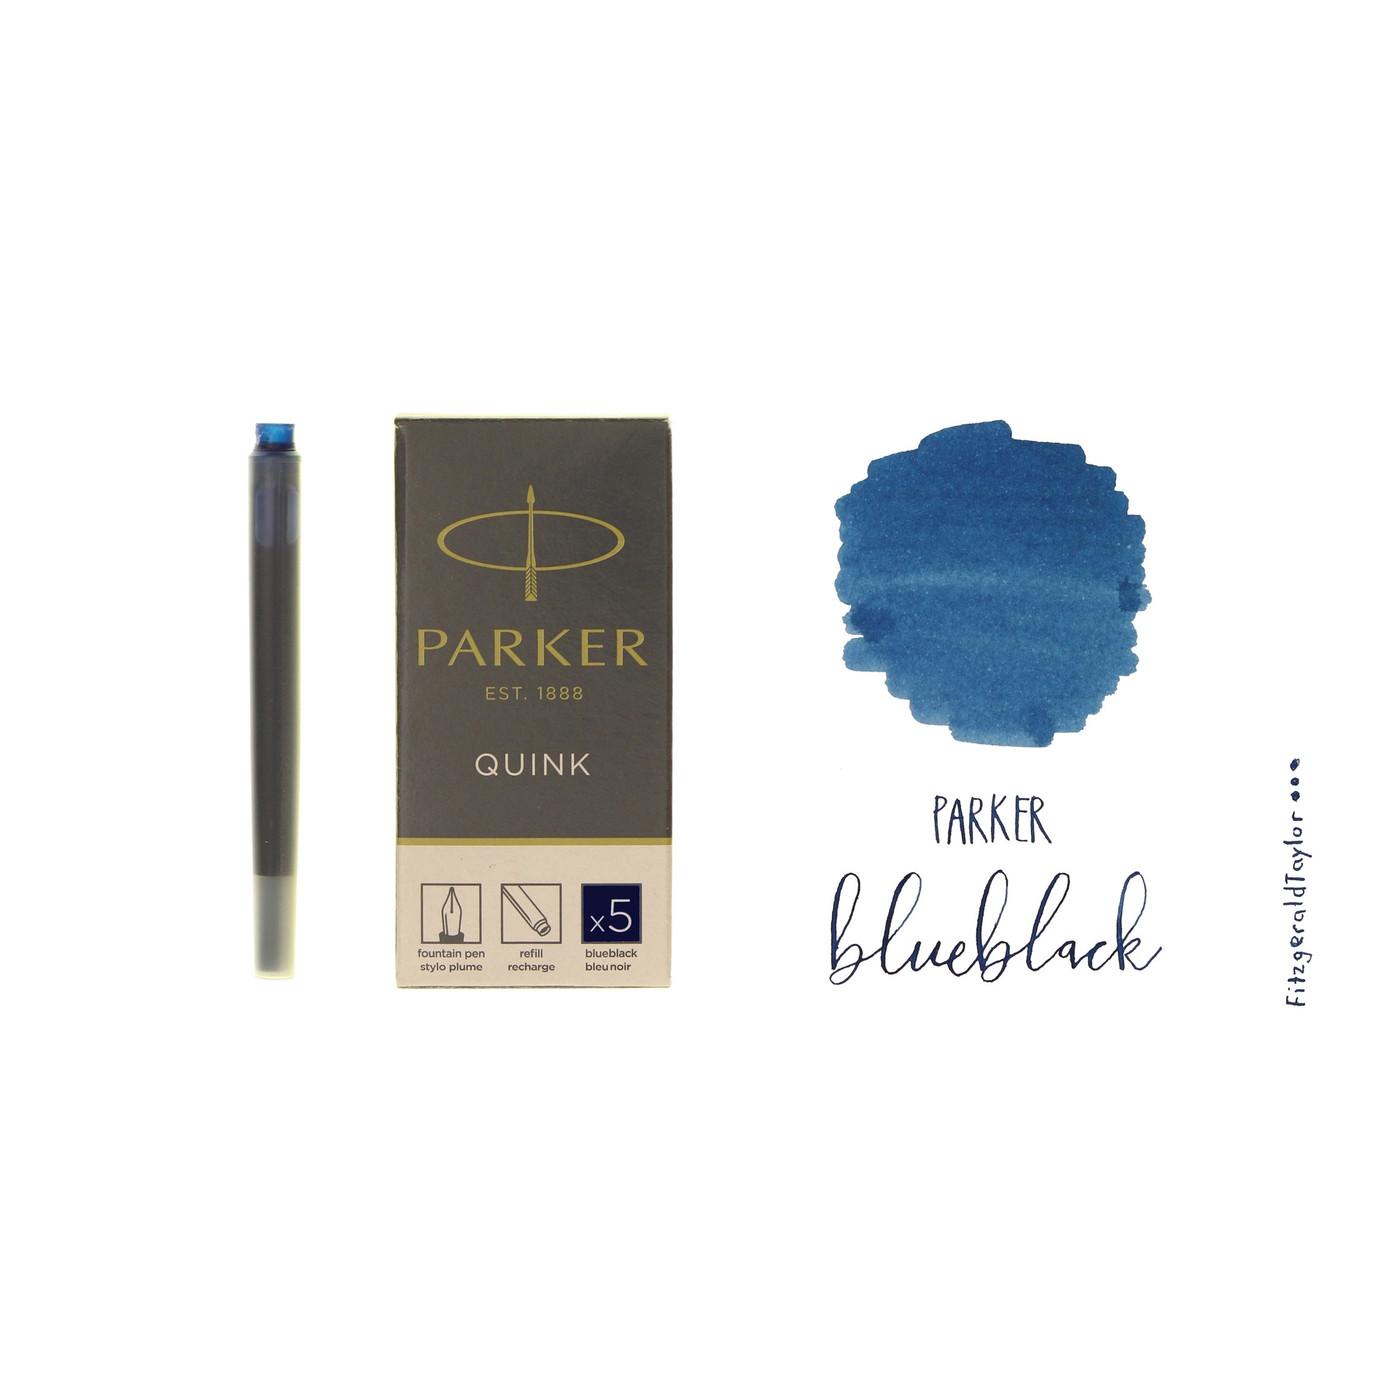 Parker Quink fountain pen ink cartridges